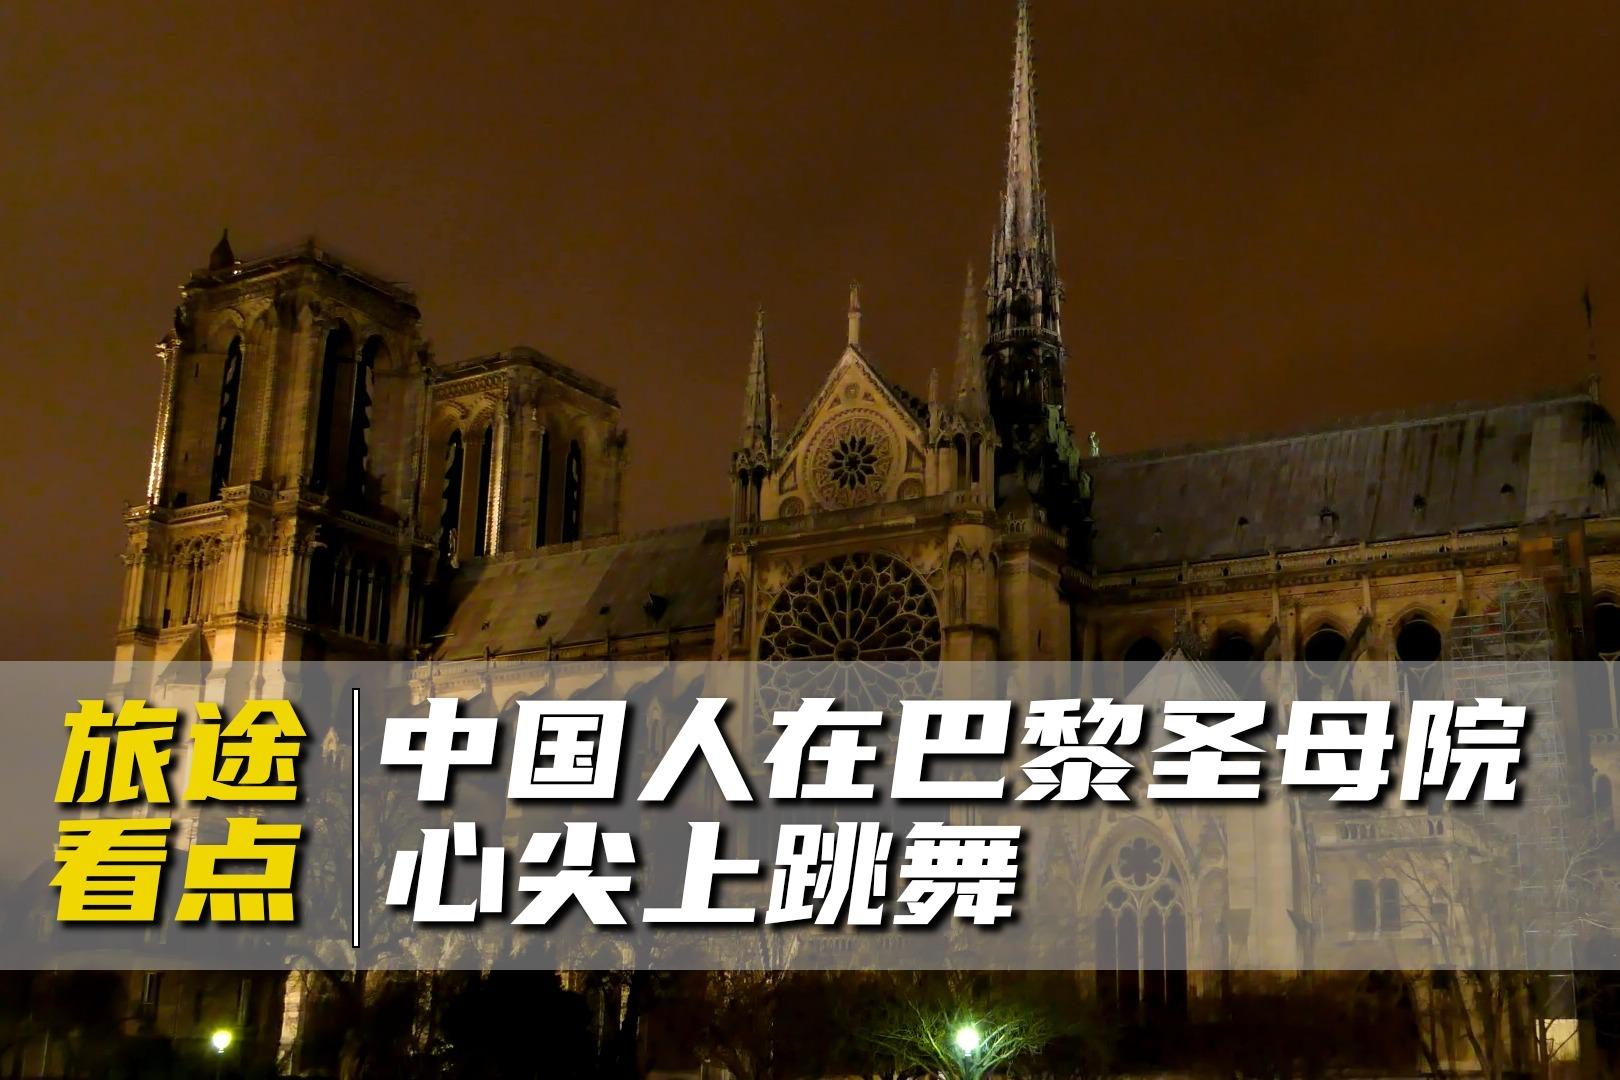 旅途看点︱中国90后设计师,巴黎圣母院塔尖设计方案刷爆网络